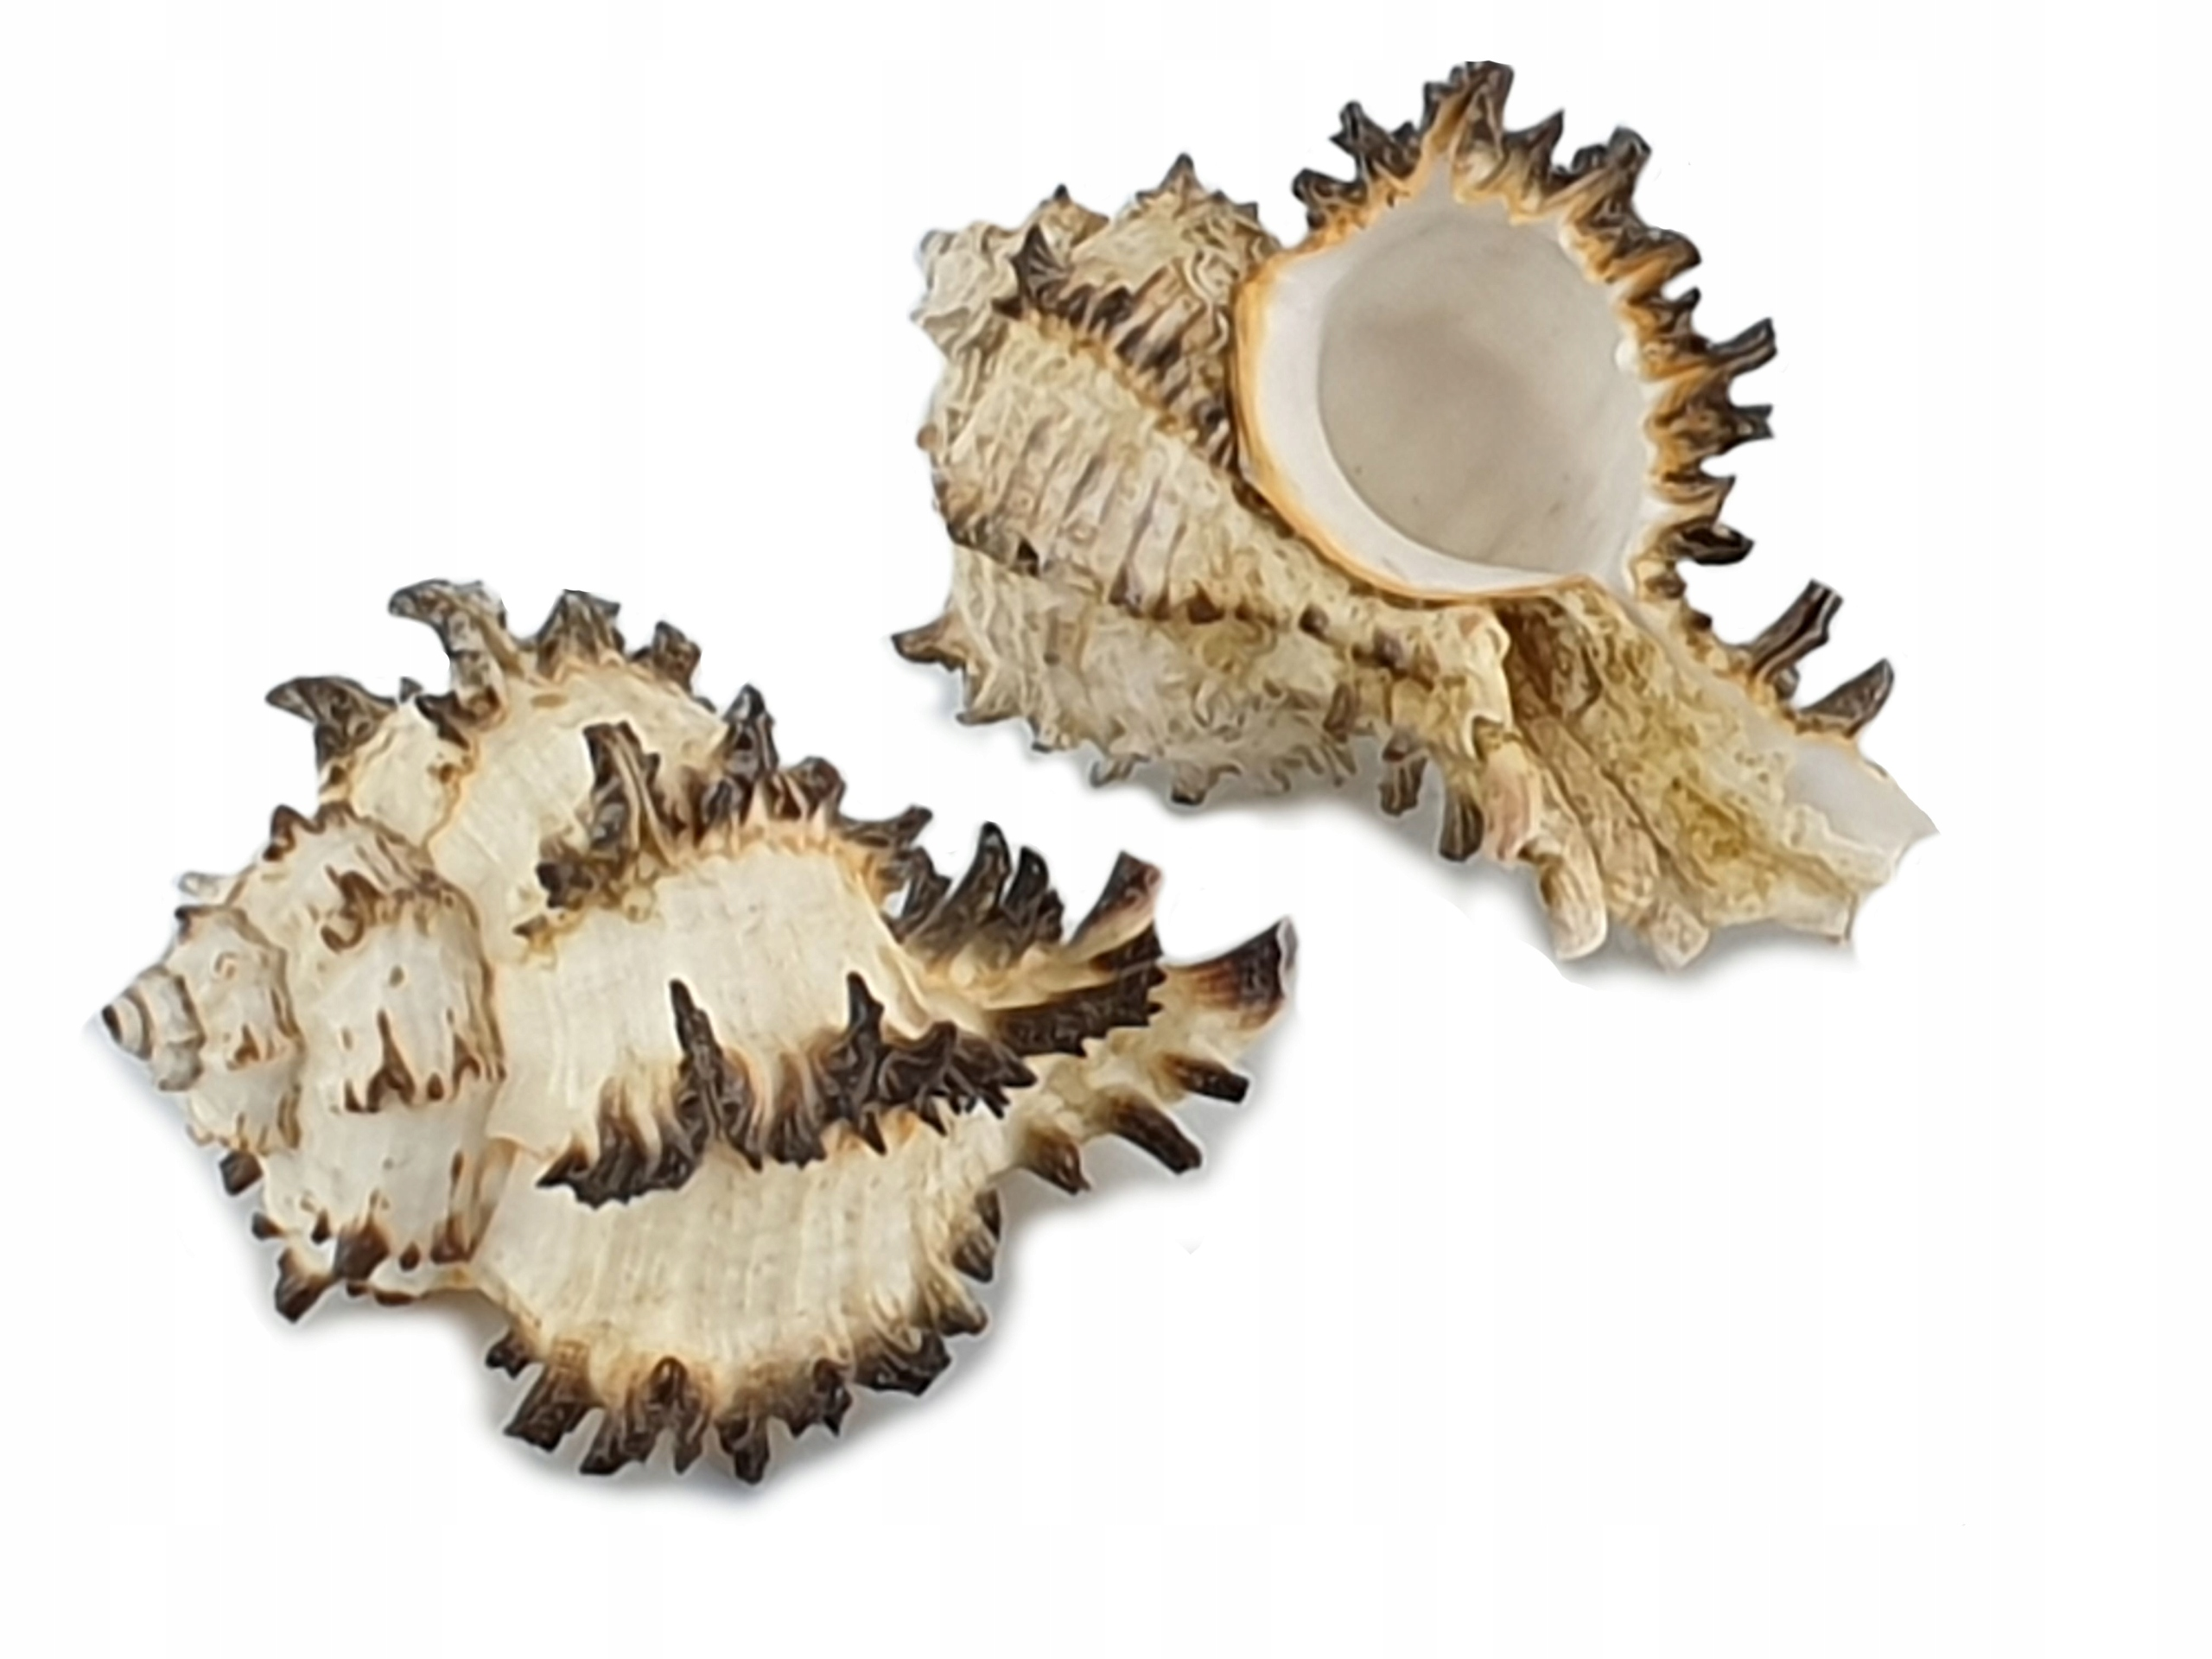 большая ракушка РАКУШКИ РАКУШКИ MUREX из Филиппин 8 см